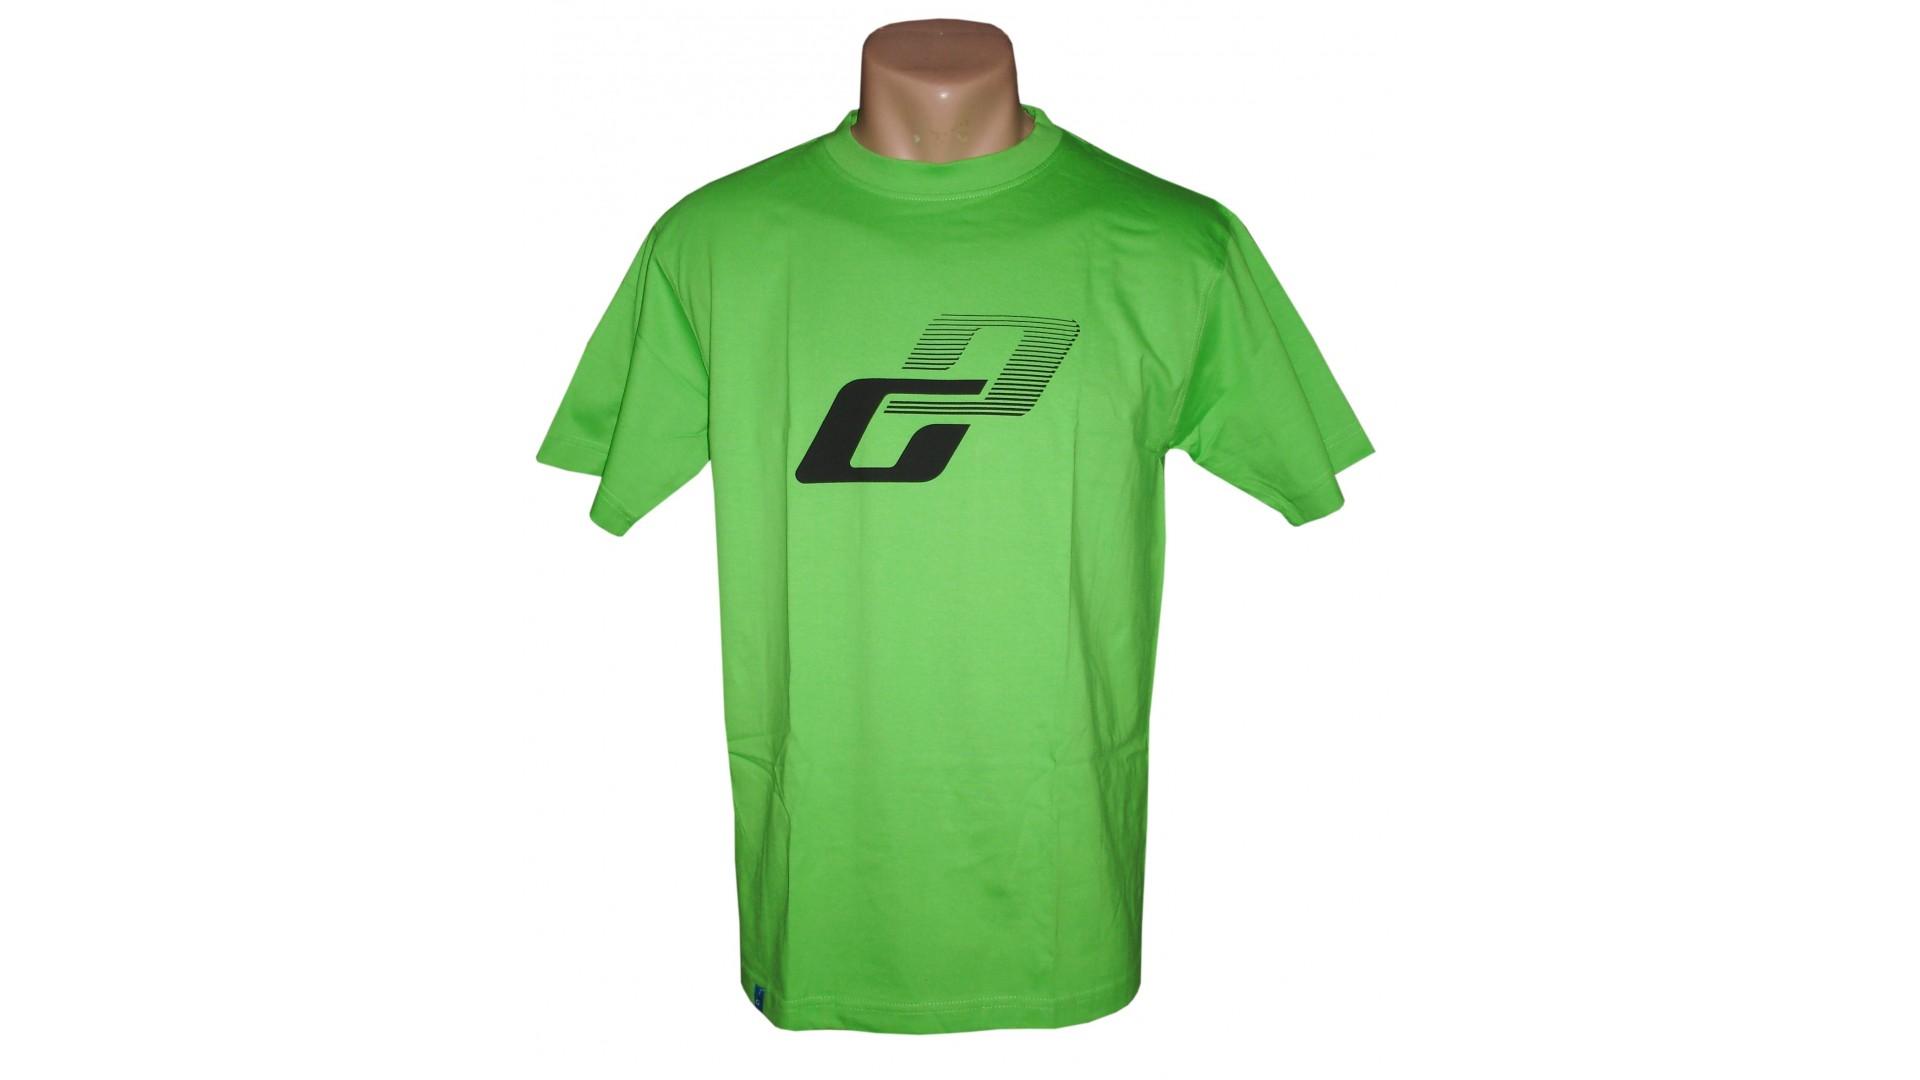 Футболка Ghost T-shirt limegreen год 2015 вид спереди